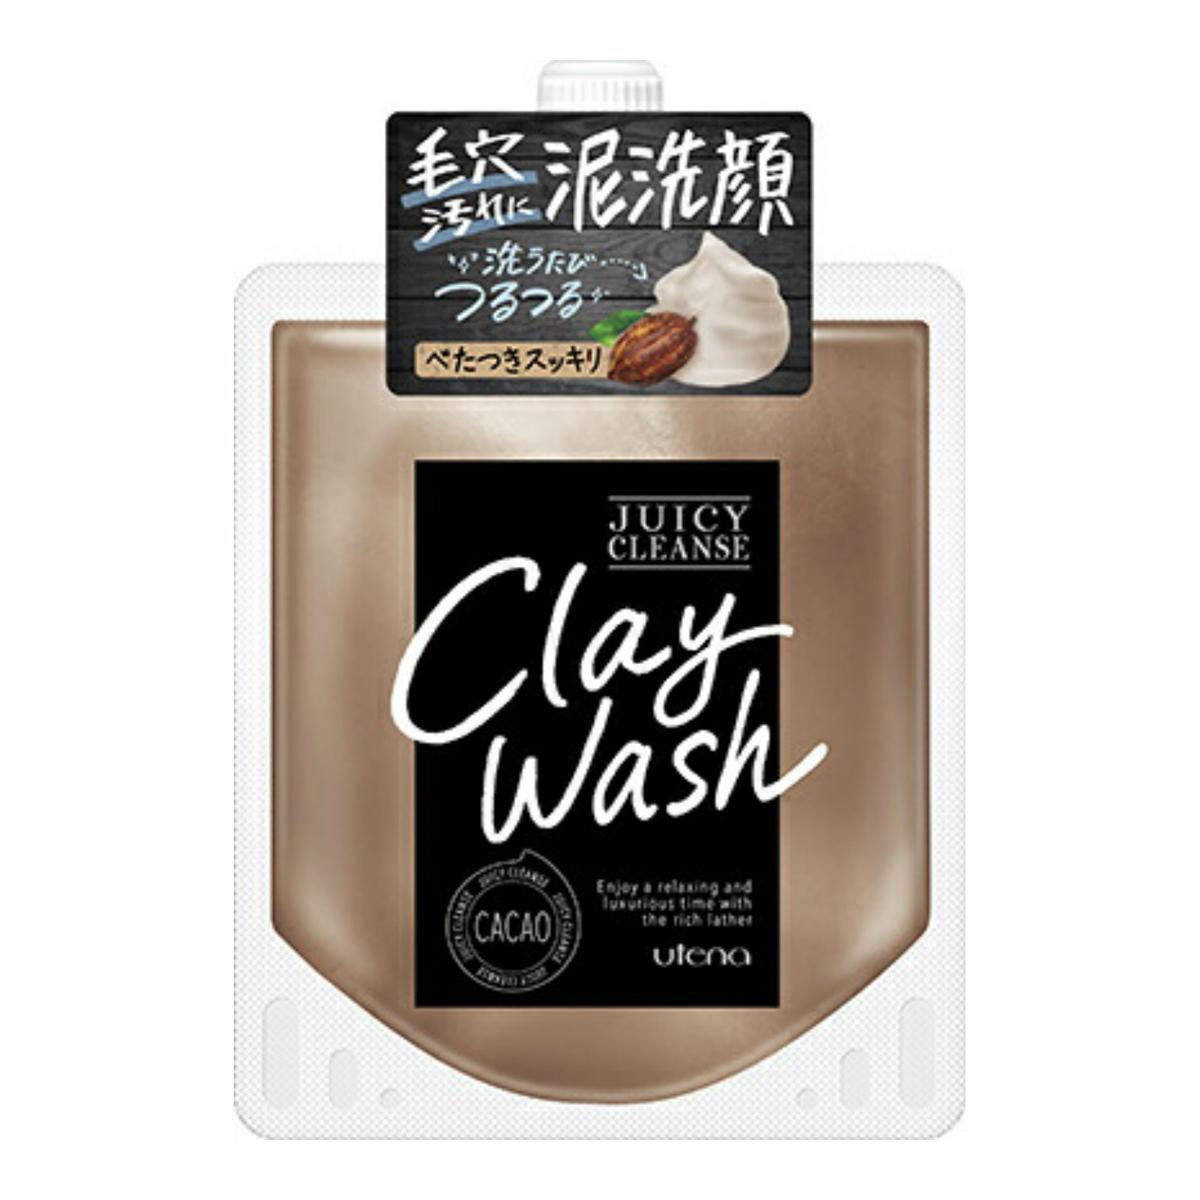 ウテナジューシィクレンズクレイウォッシュカカオ 110 g mud face-wash *10 point set (4901234392519)